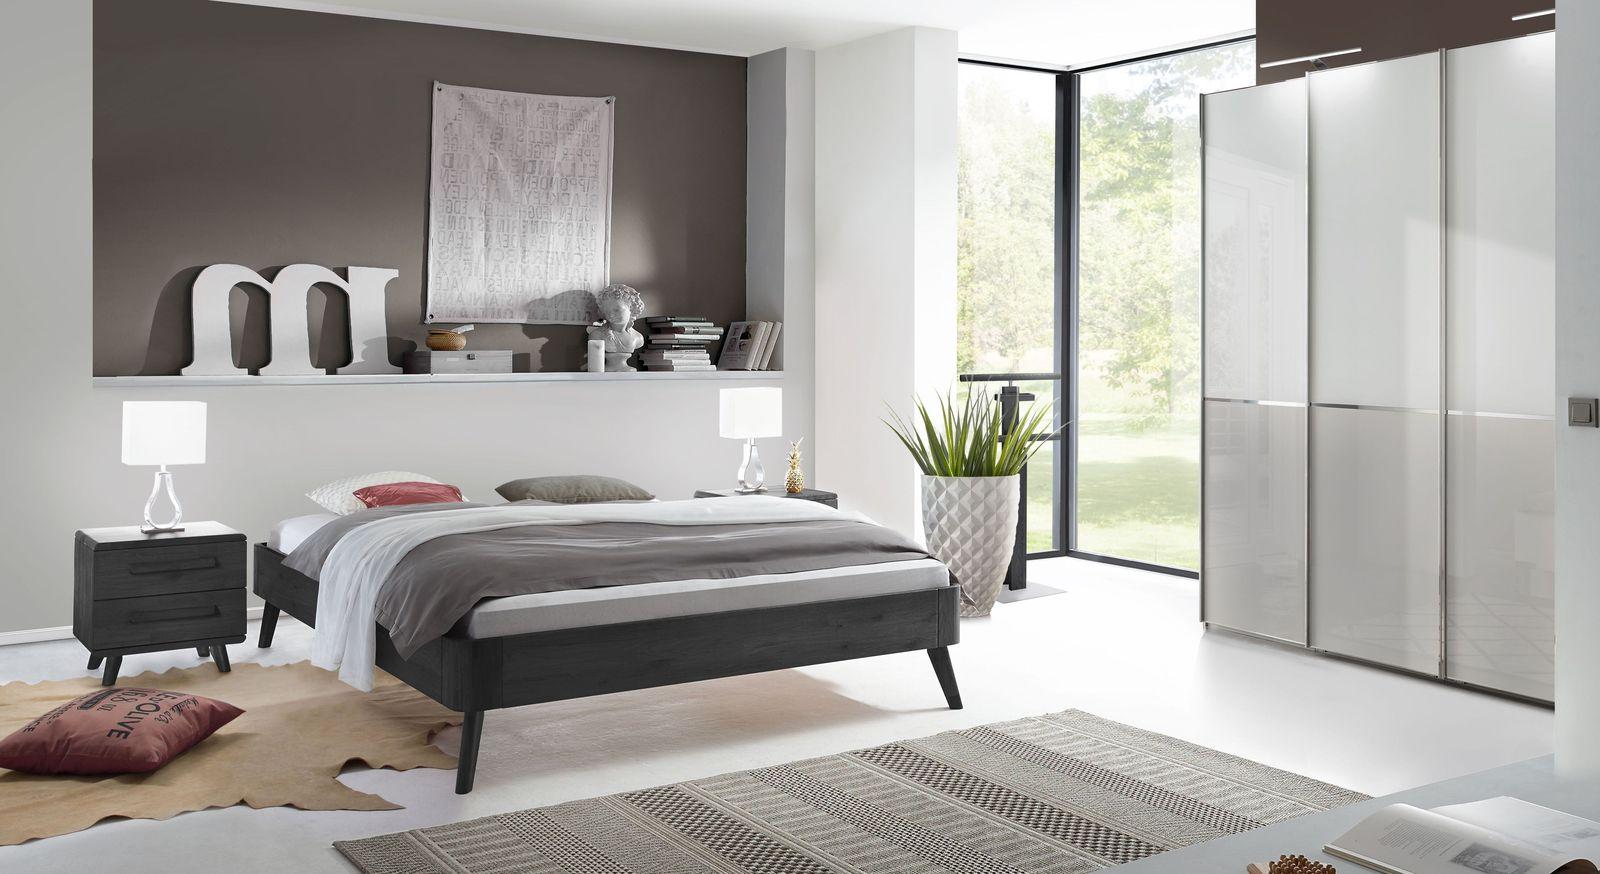 Schlafzimmer im Retrodesign mit modernen Akzenten - Santa Rosa